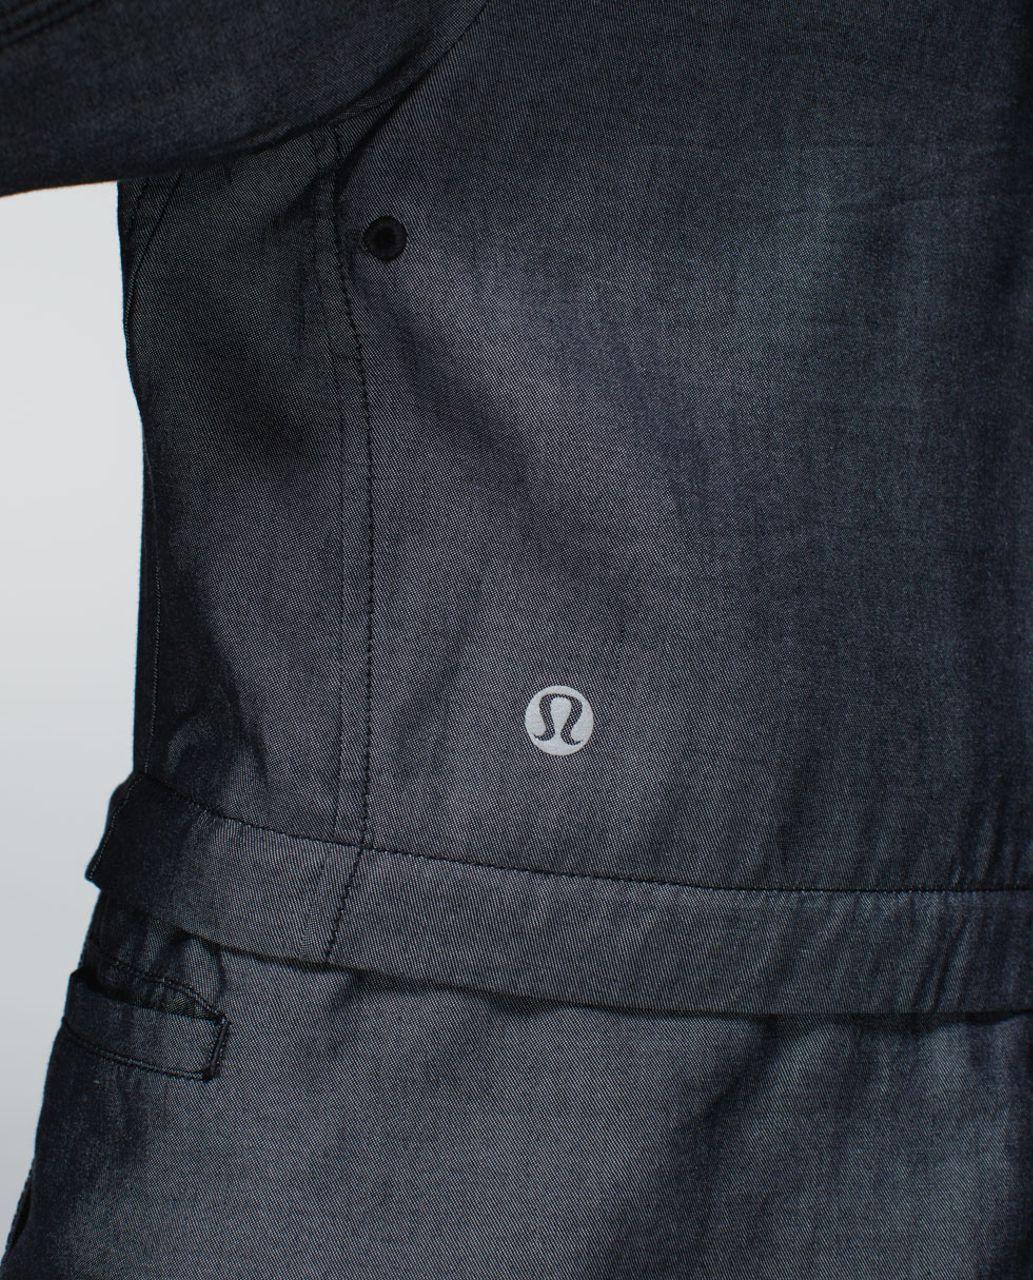 Lululemon Tranquility Jacket - Black